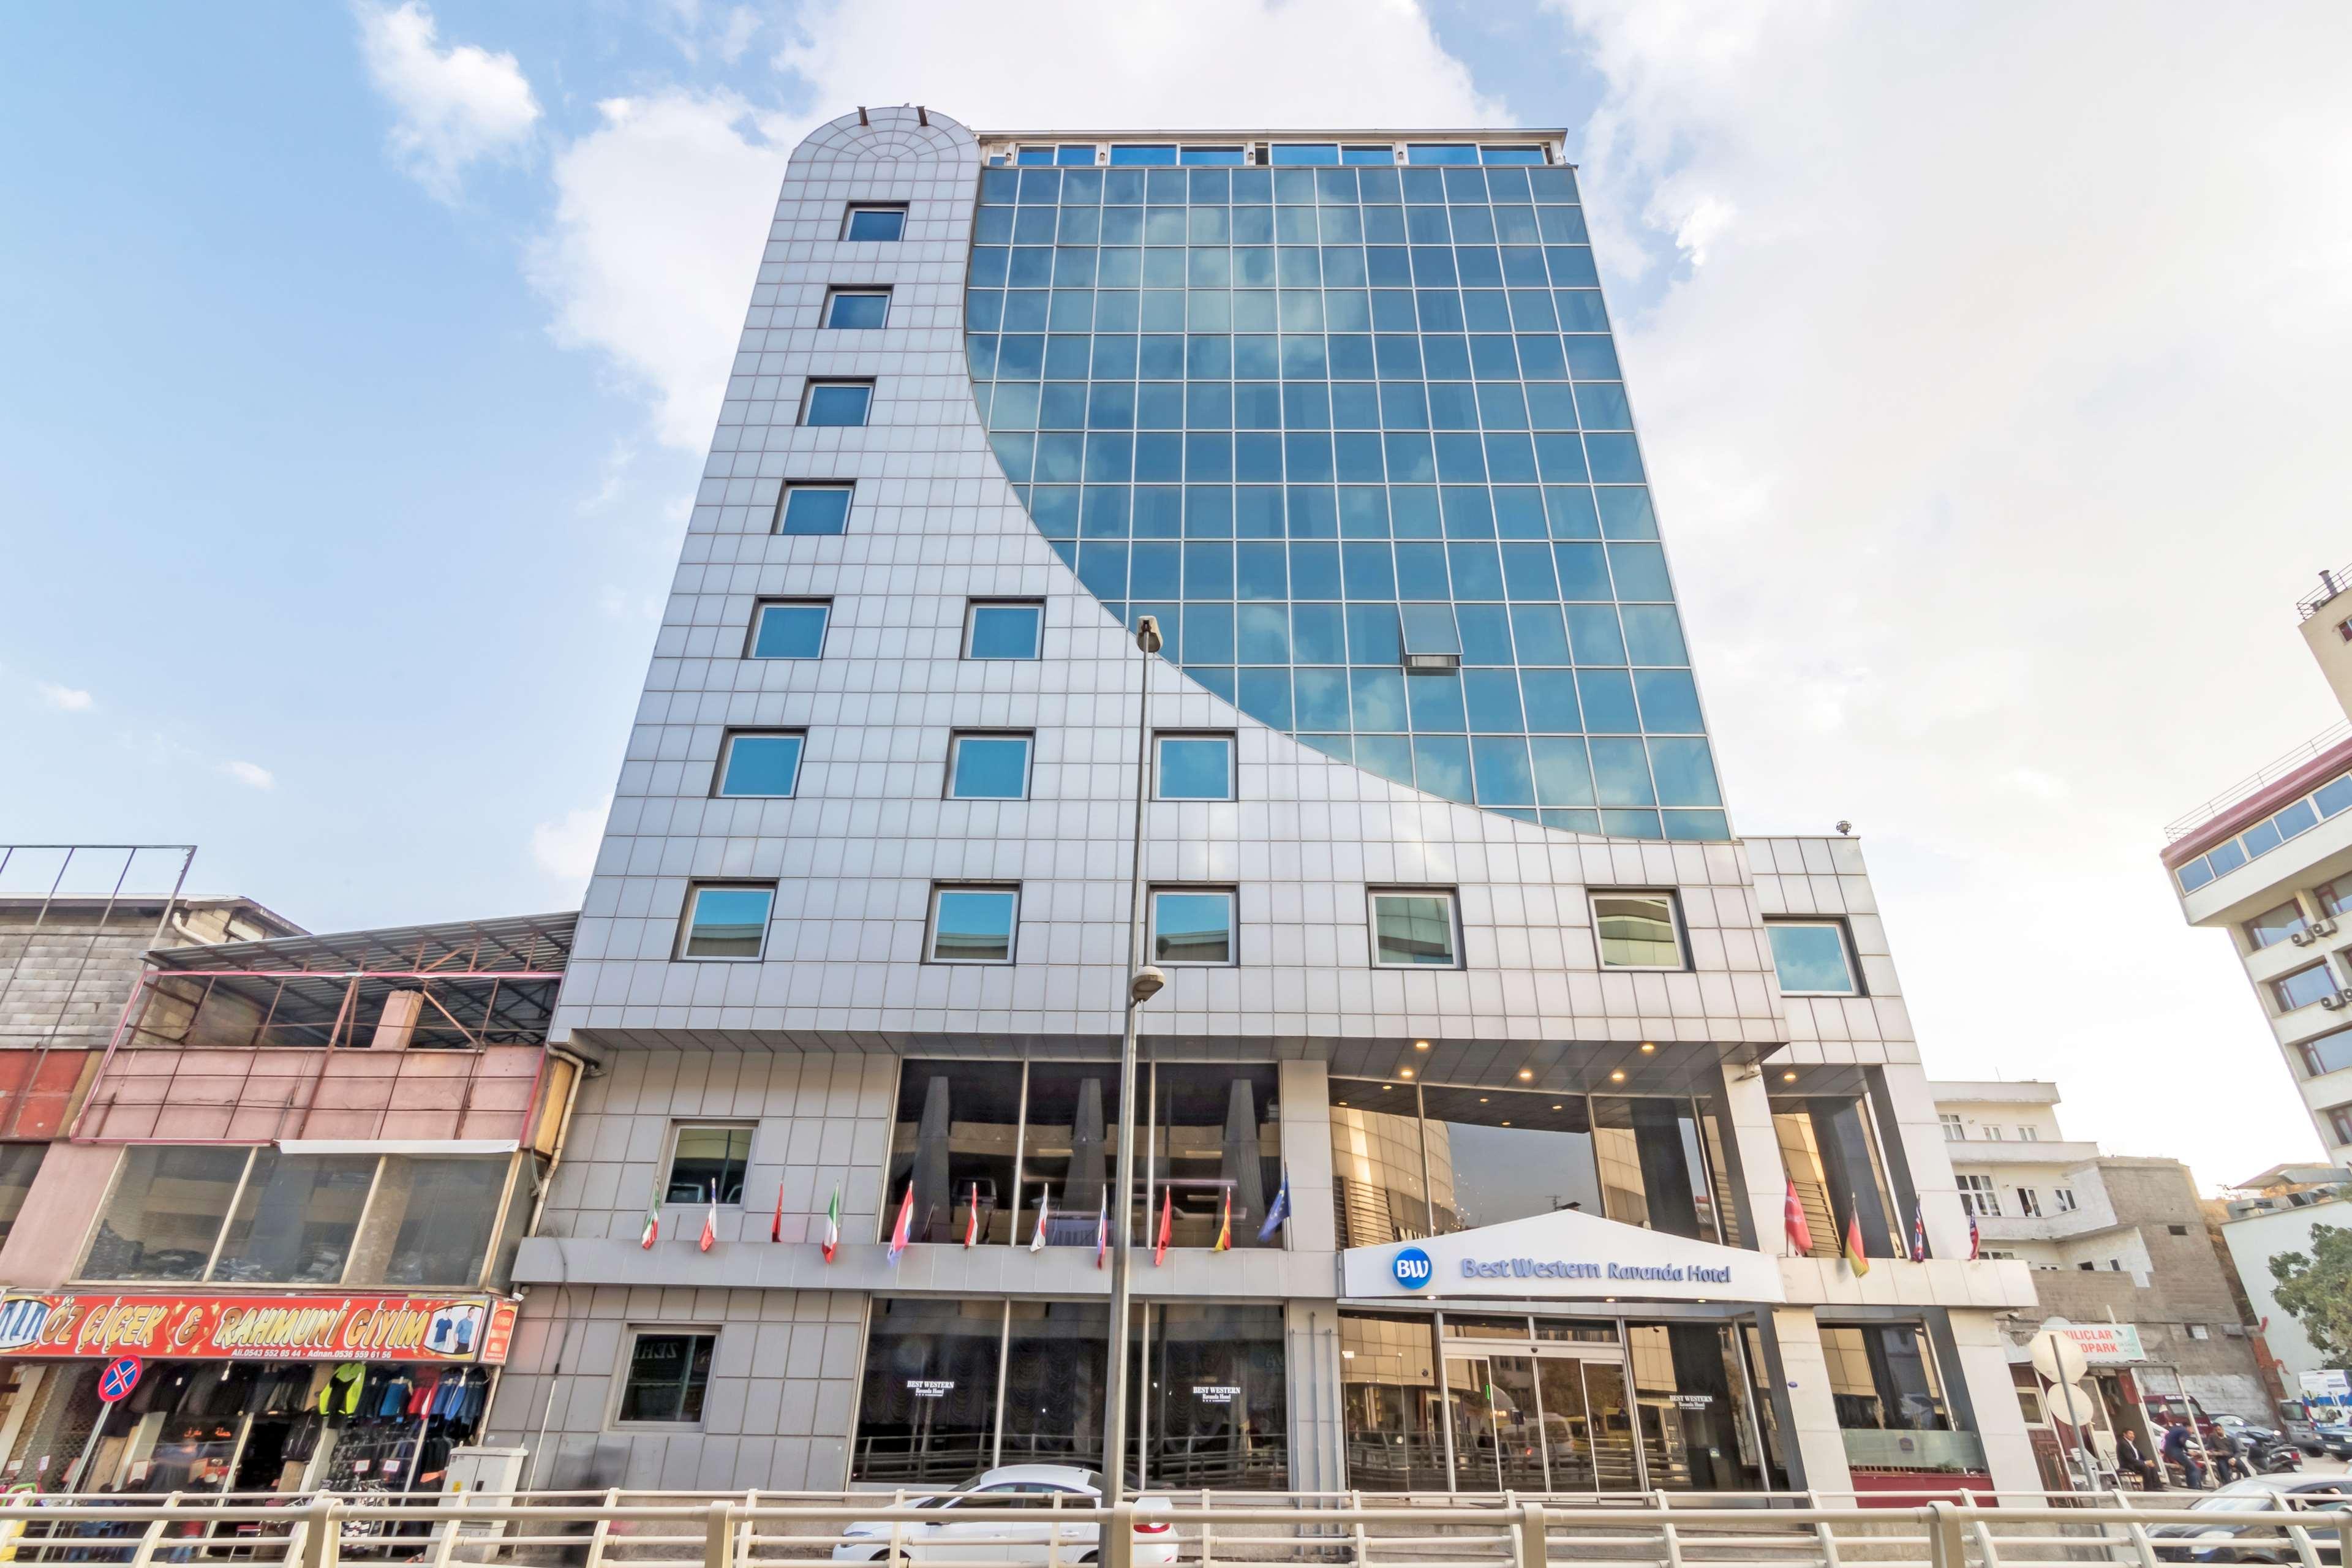 Best Western Ravanda Hotel - Closed